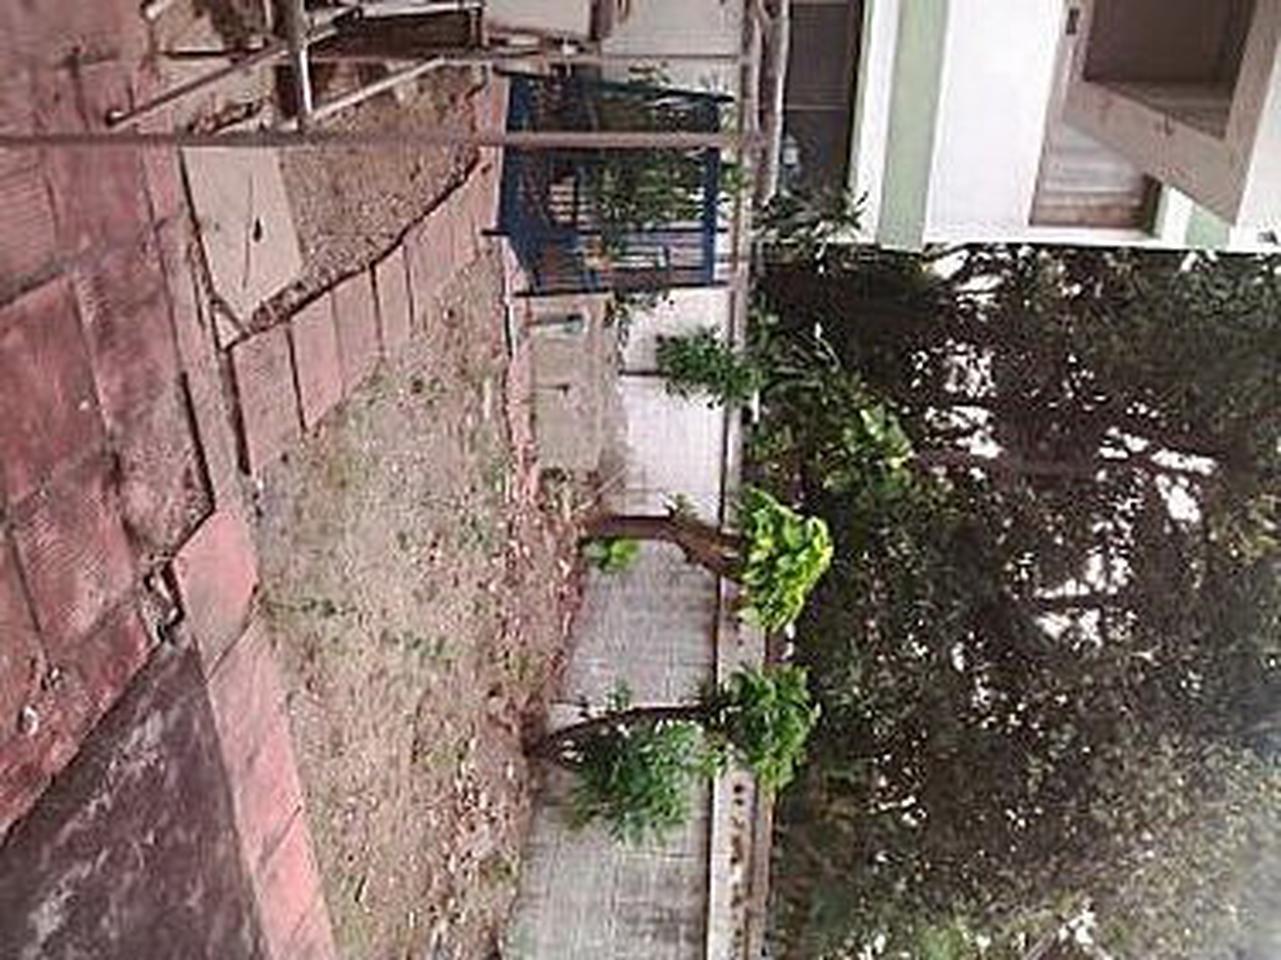 บ้านเก่าเหมาะทำอพาร์ตเม้นท์มากๆ พระโขนง-สีี่แยกคลองตัน  รูปที่ 2